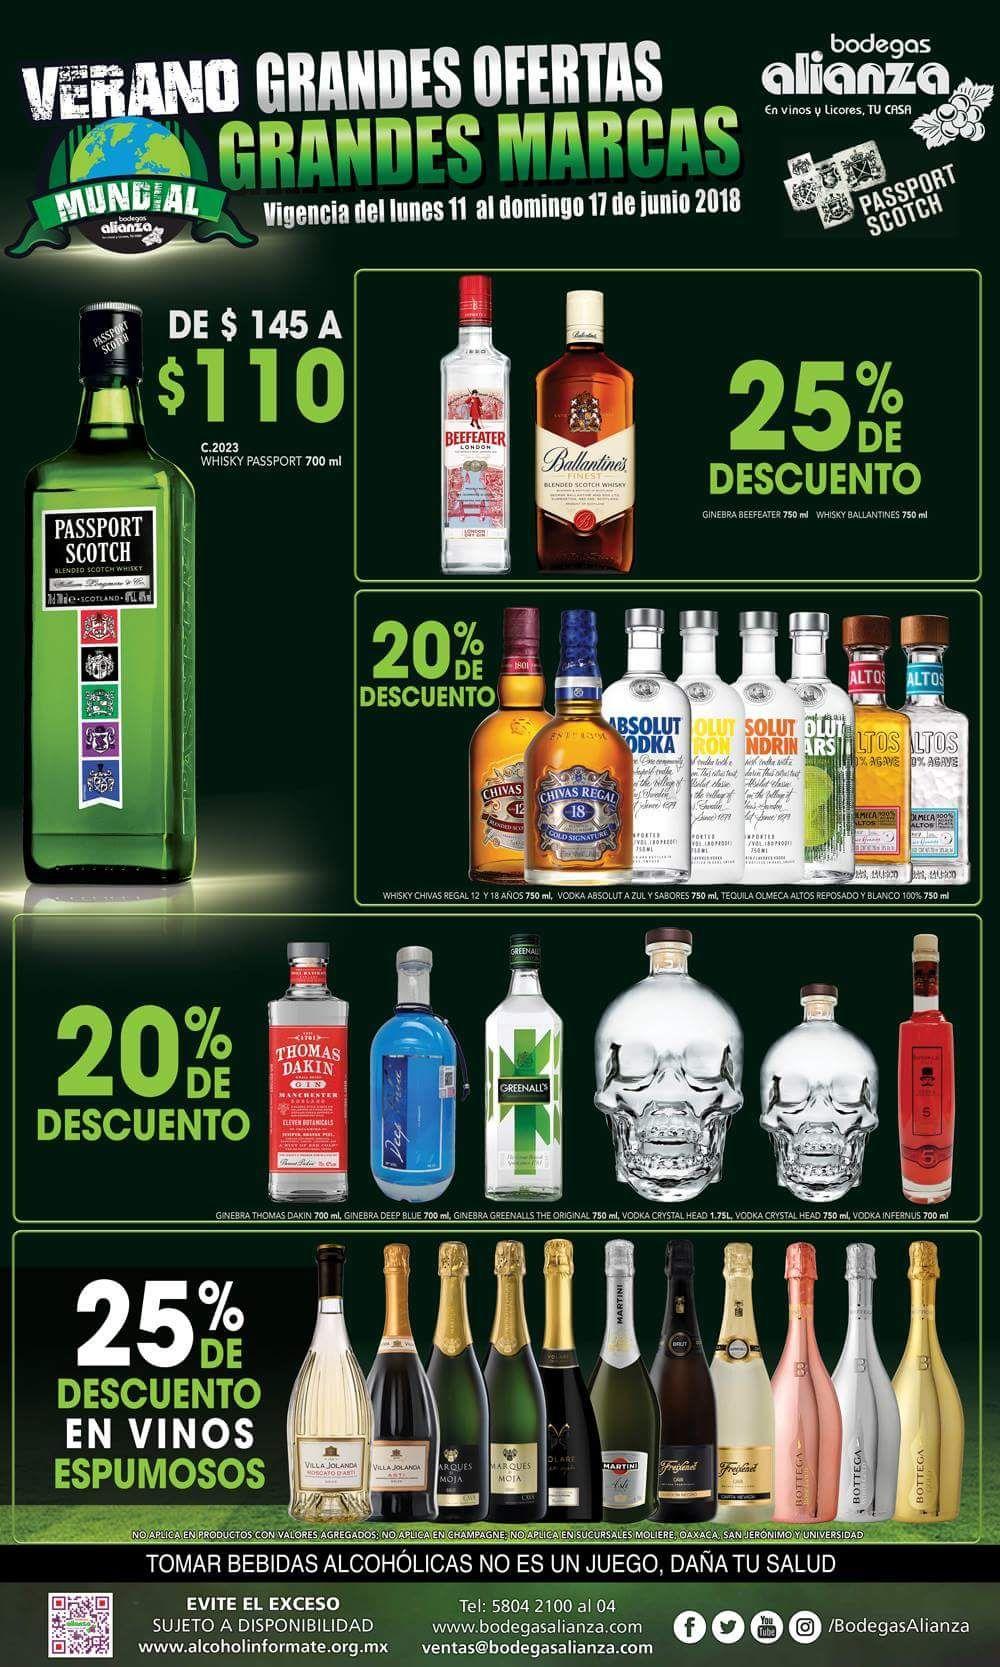 Bodegas Alianza: promo en whisky, vodka y mucho más, por ejemplo Passport Scotch a $110